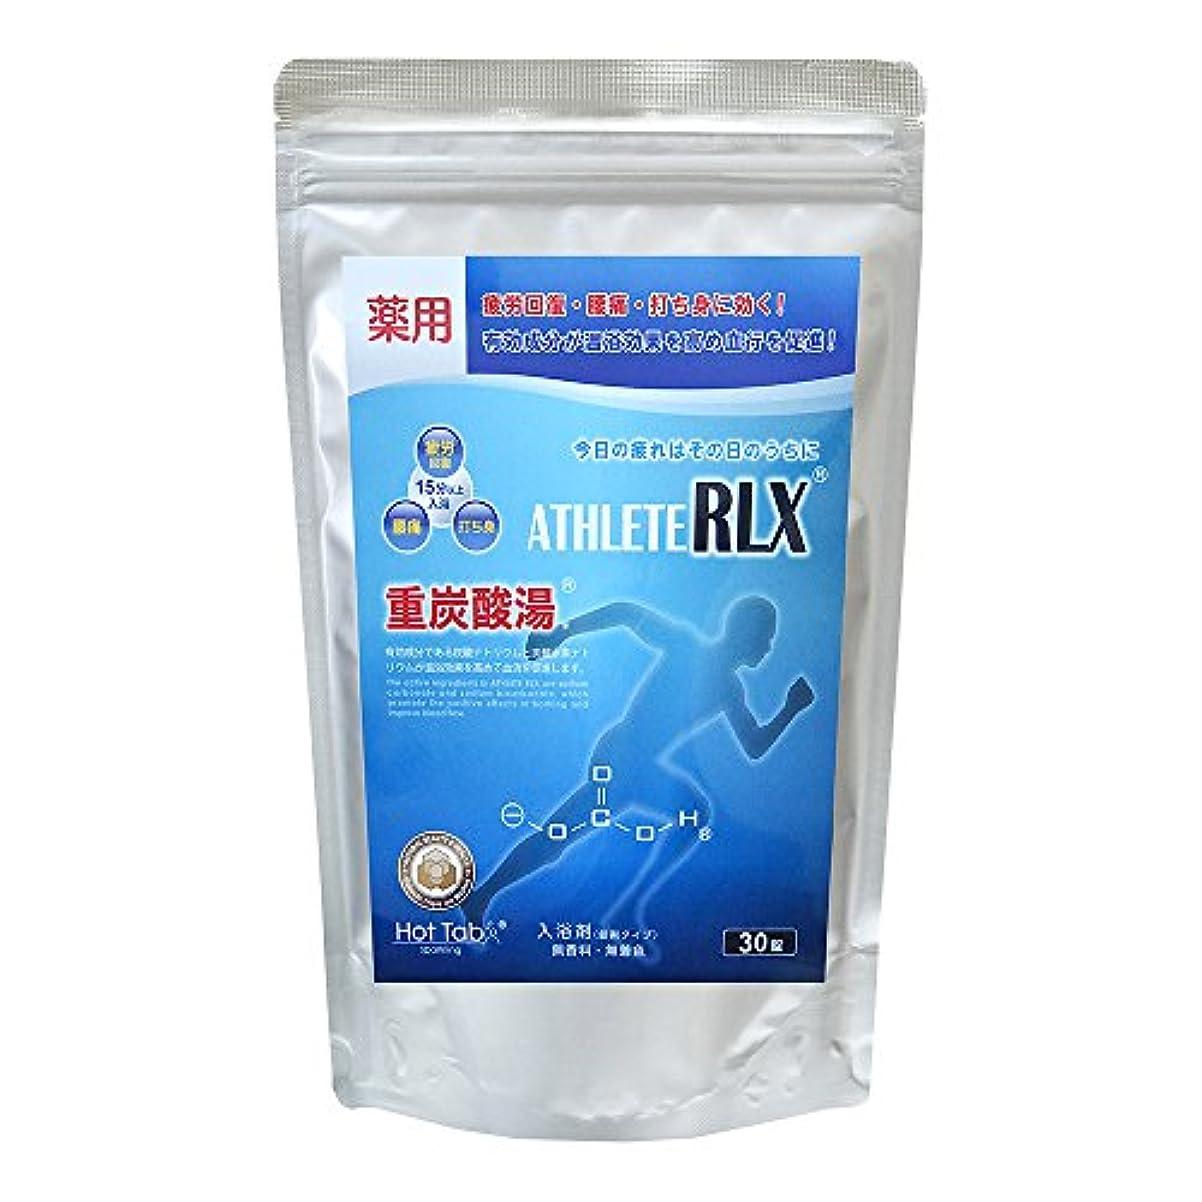 ミニチュア脇に緊急ホットアルバムコム ATHLETE RLX(アスリートRLX) 薬用 30錠入り